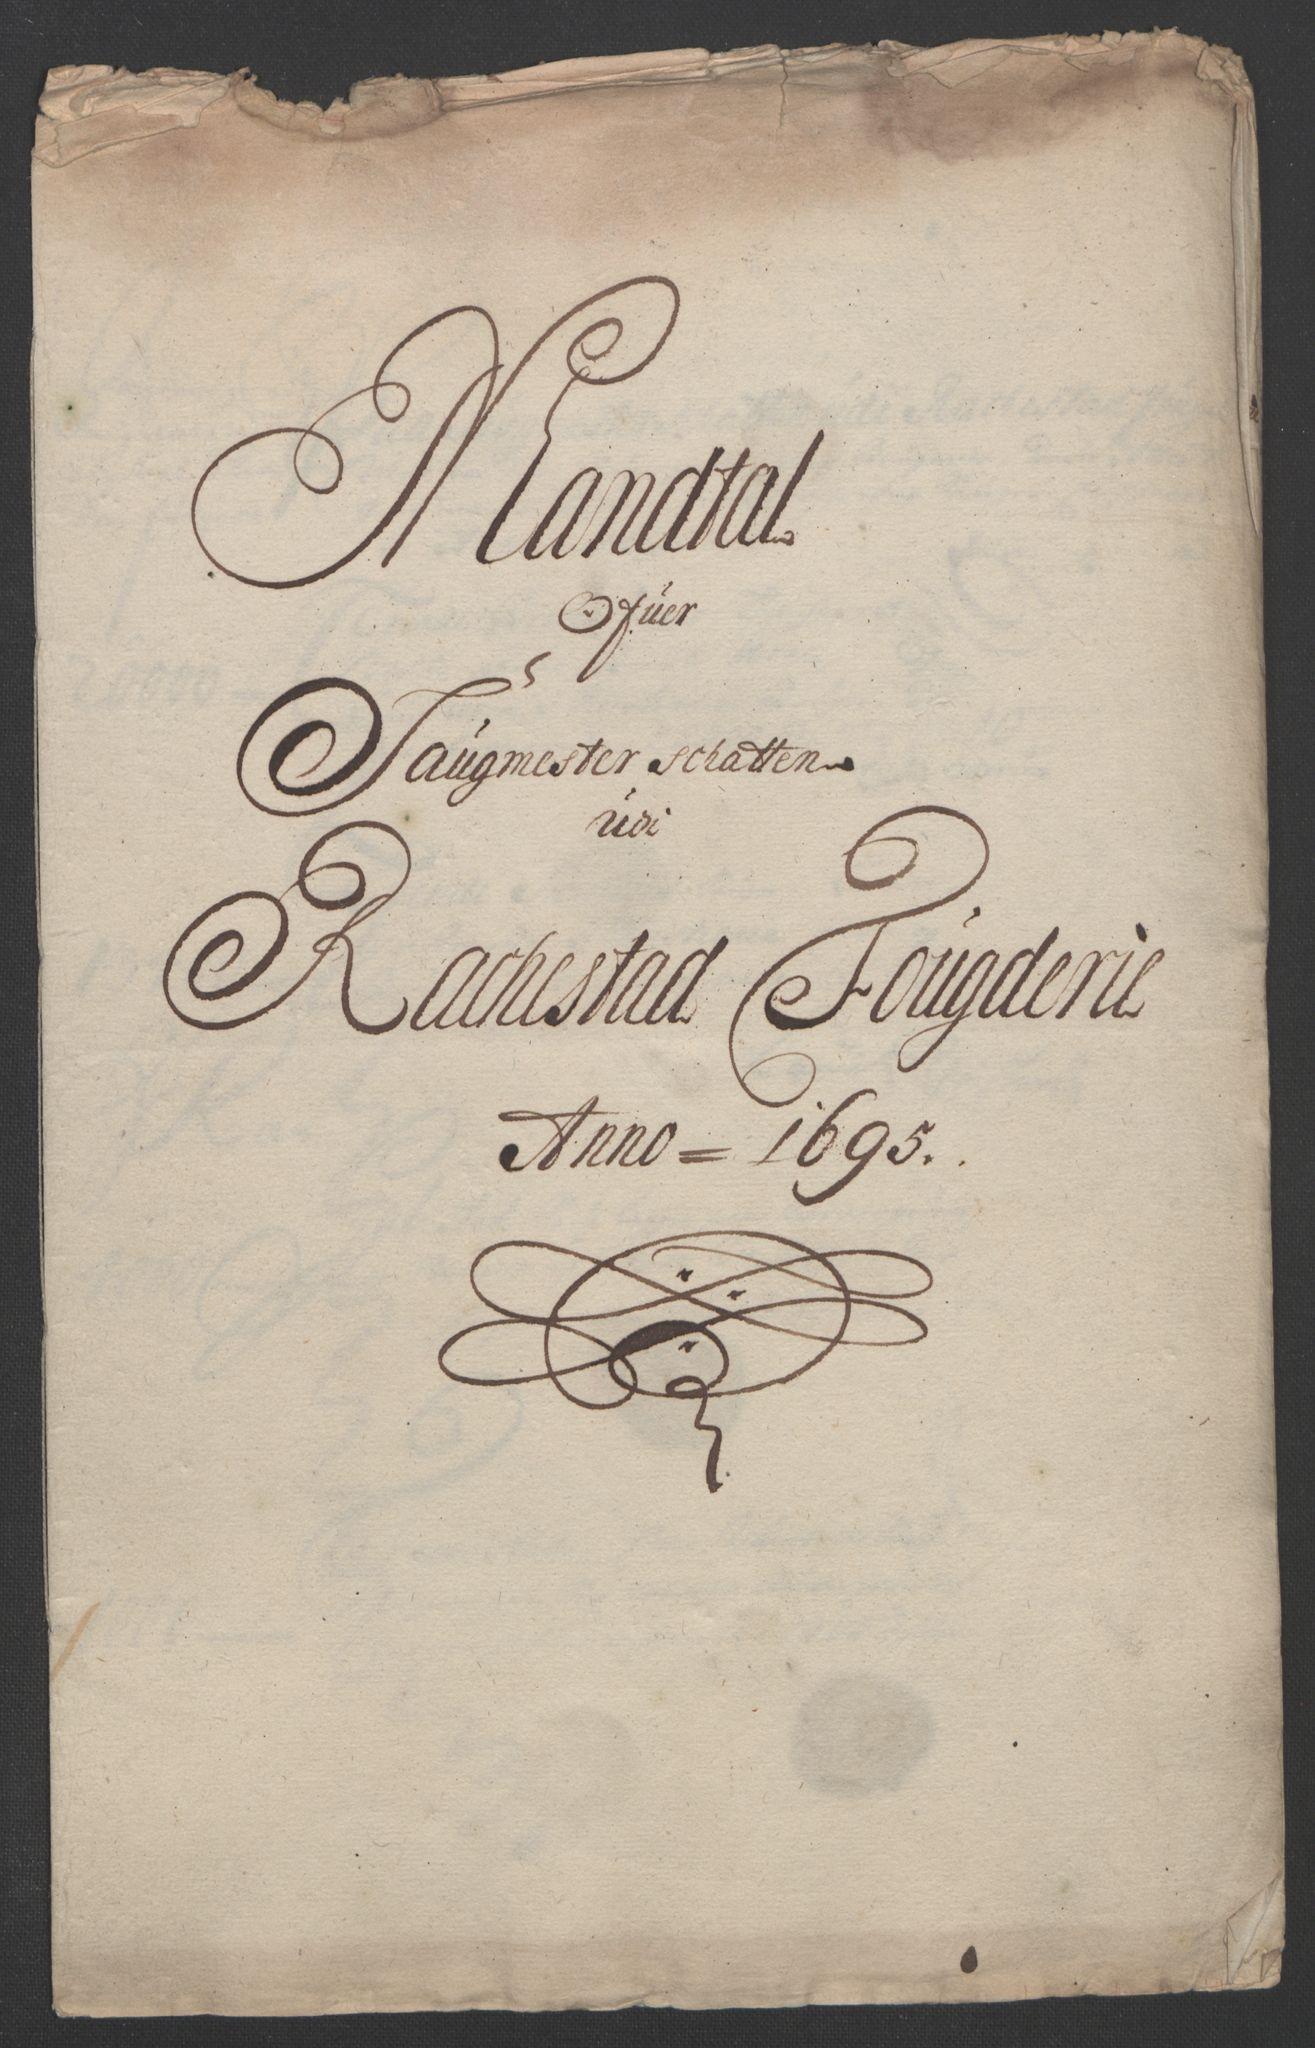 RA, Rentekammeret inntil 1814, Reviderte regnskaper, Fogderegnskap, R07/L0285: Fogderegnskap Rakkestad, Heggen og Frøland, 1695, s. 217